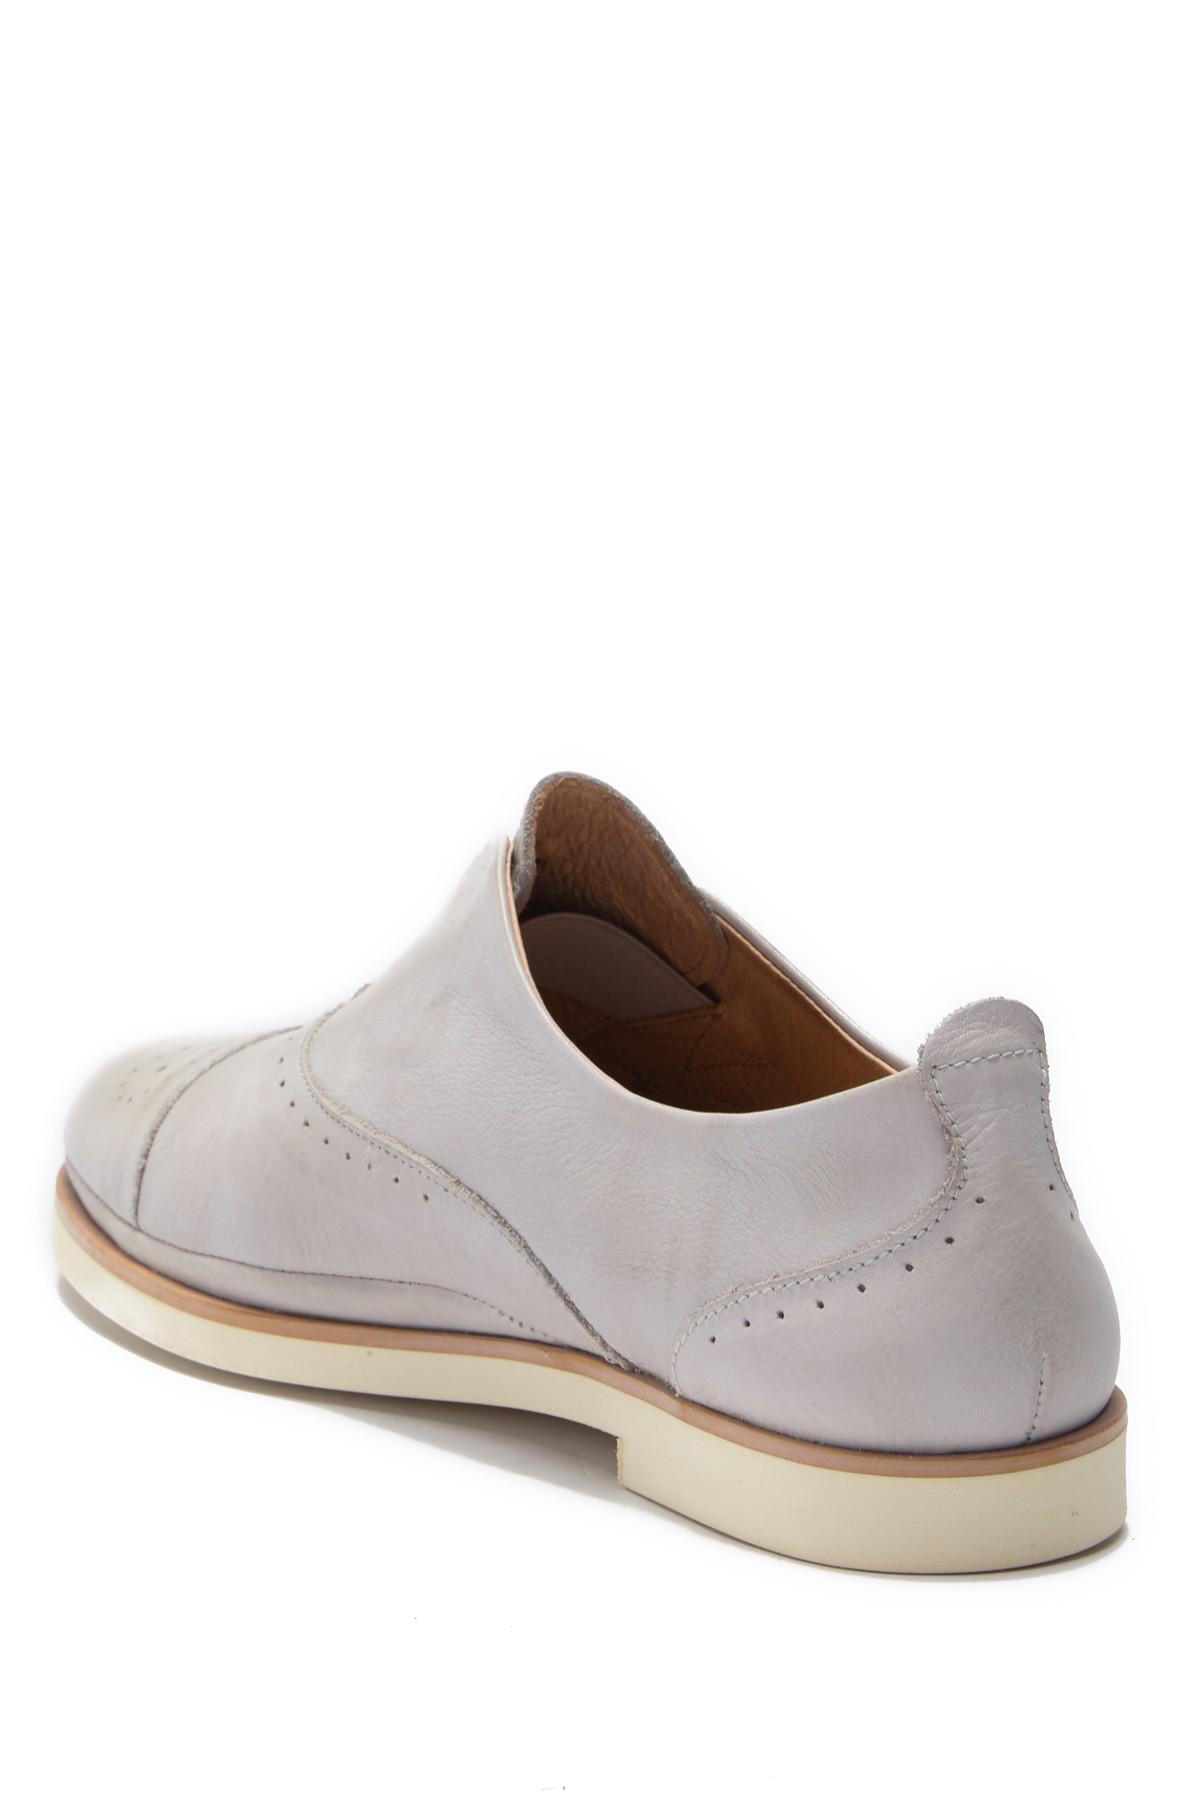 905549b2ea0 Lyst - Pikolinos Santorini Loafer in Gray